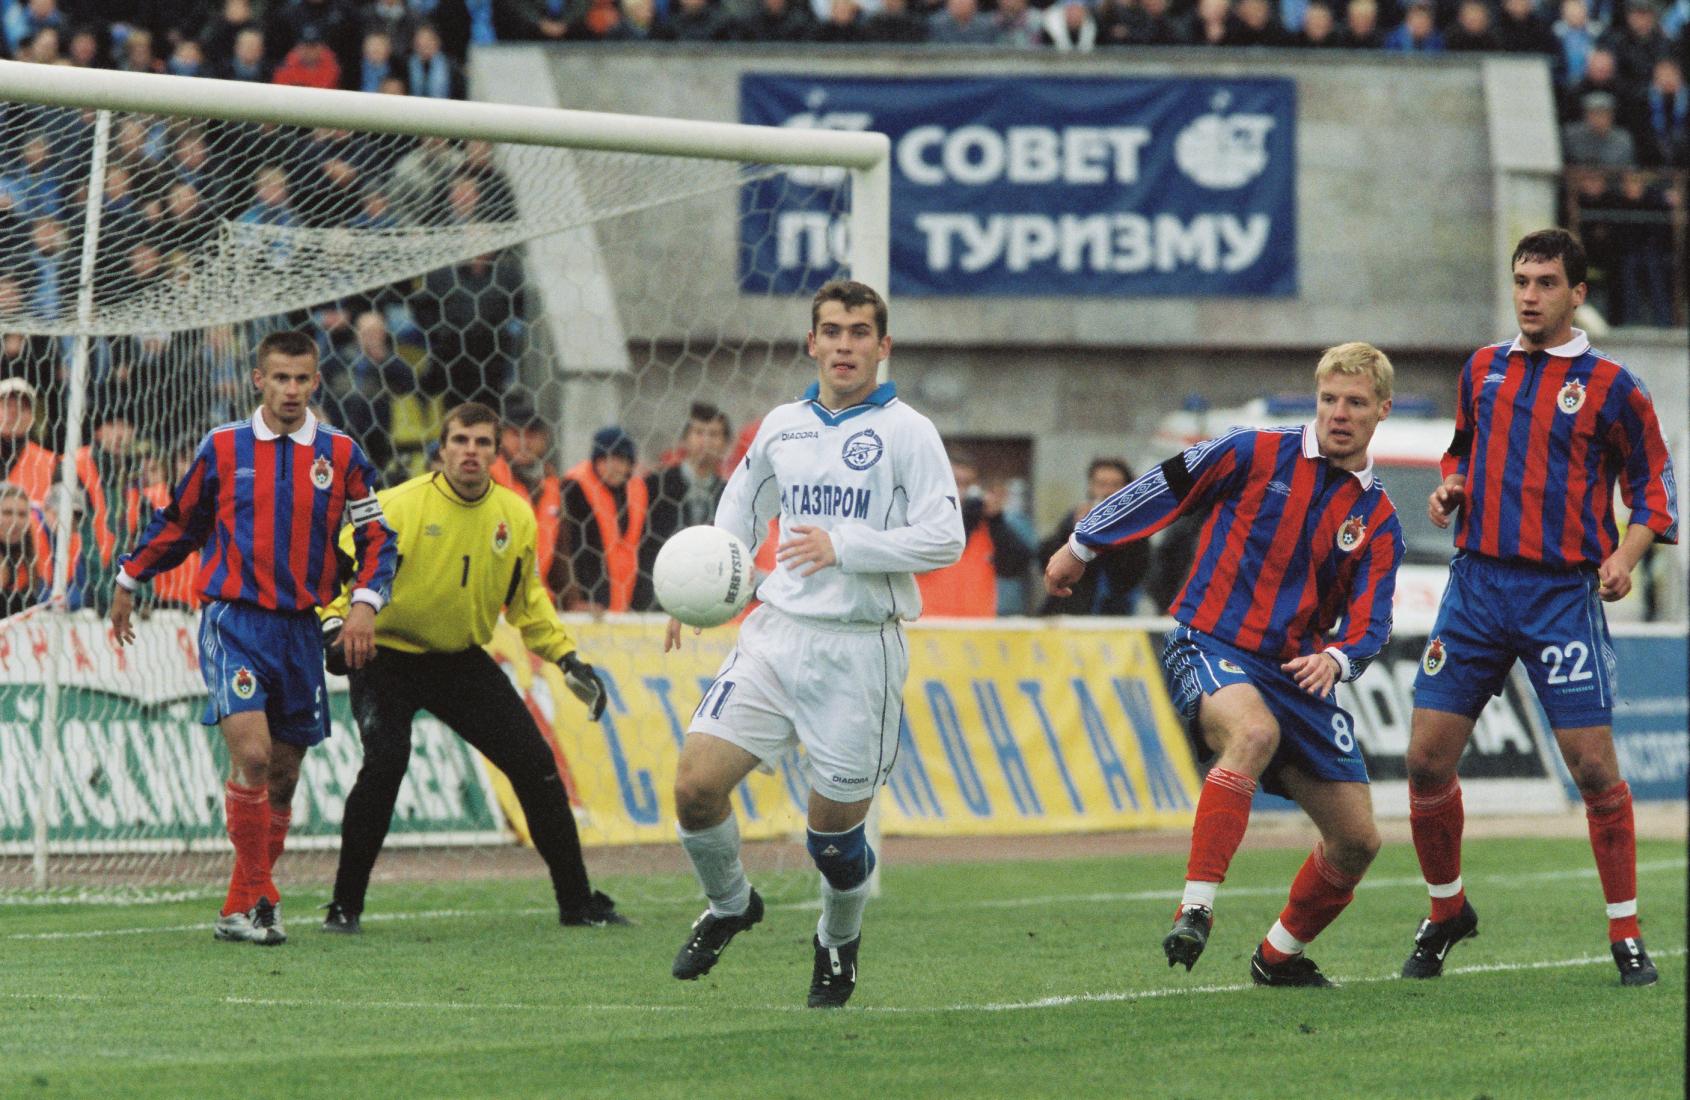 20 лет назад «Зенит» вынес ЦСКА 6:1, забив 4 гола за 5 минут. Это последний матч Павла Садырина